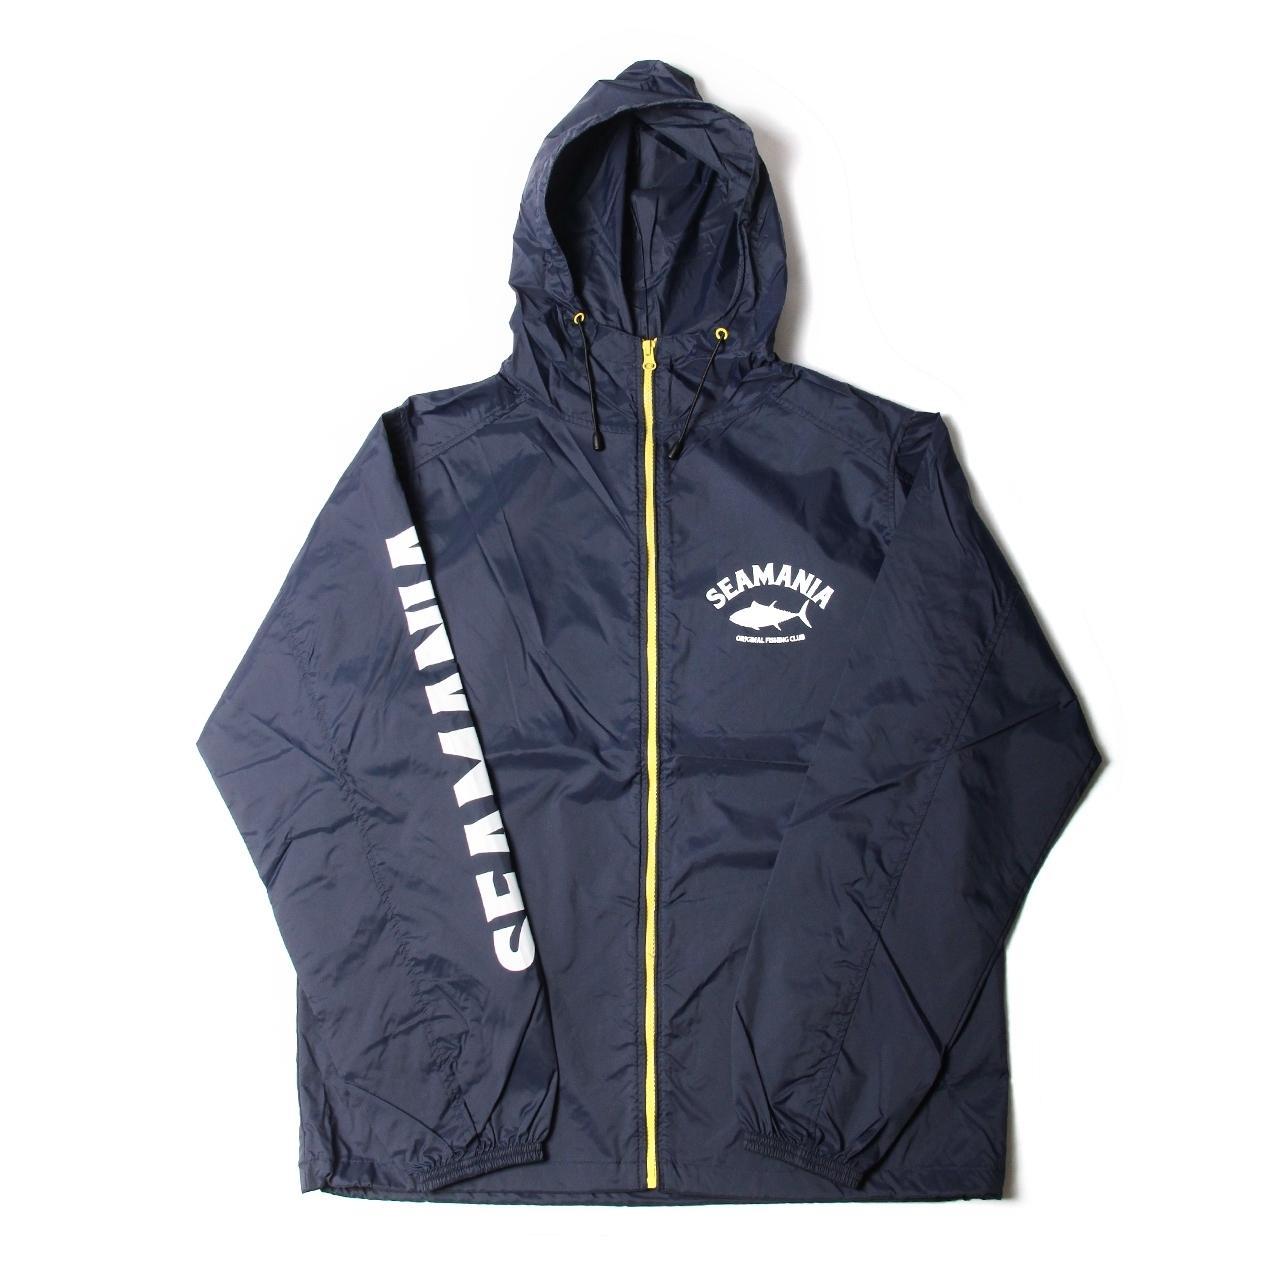 【Seamania】アーチロゴナイロンZIPジャケット [NVY]